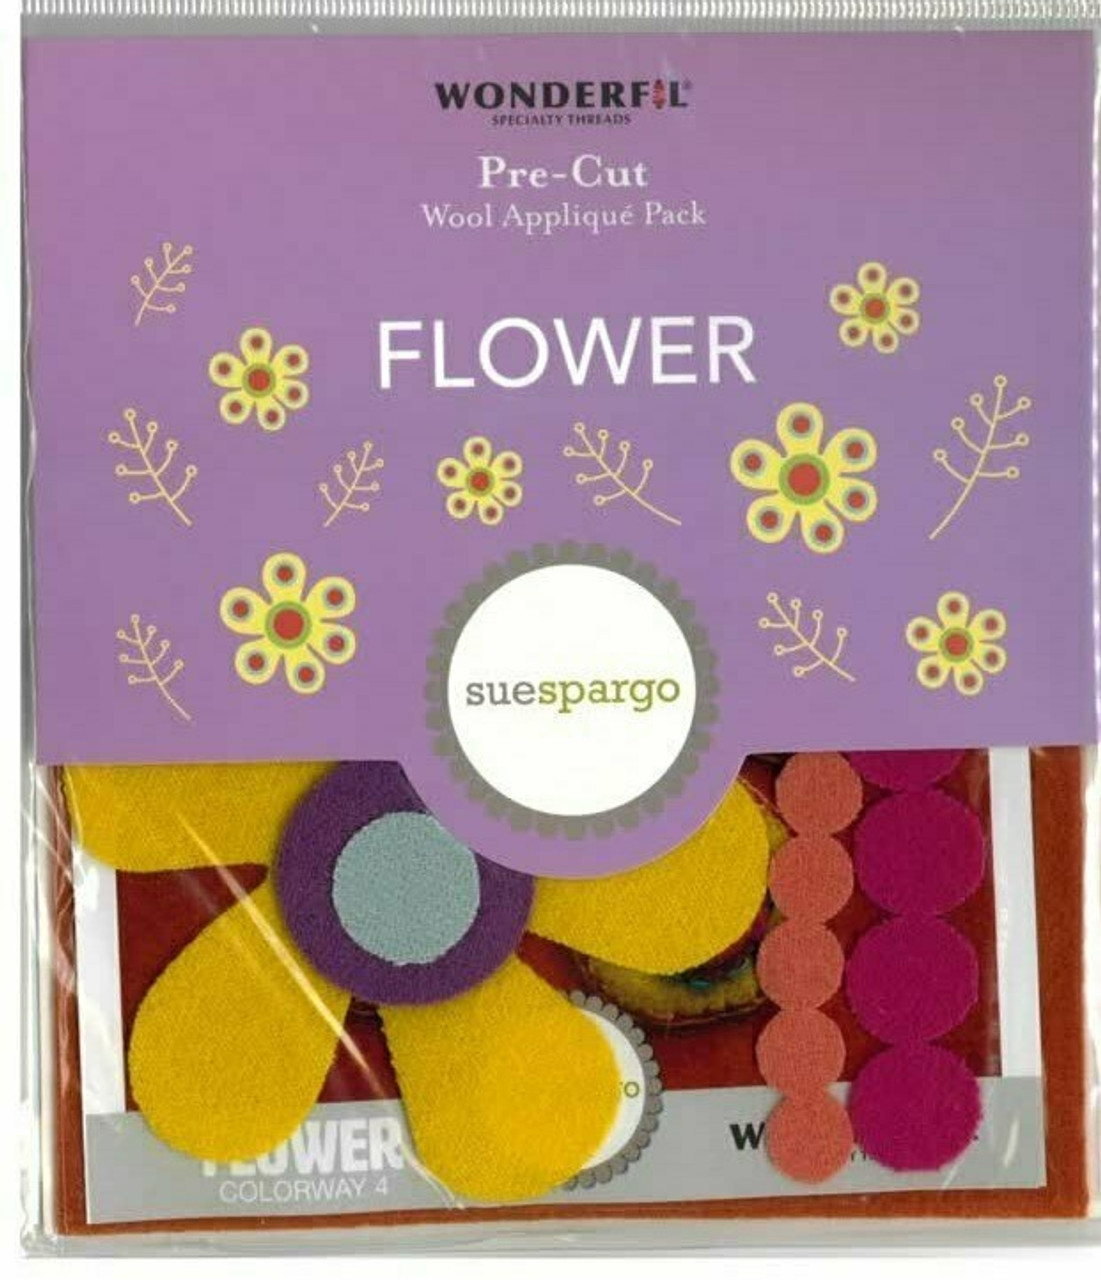 Sue Spargo Flower Pre-cut Wool Applique Pack